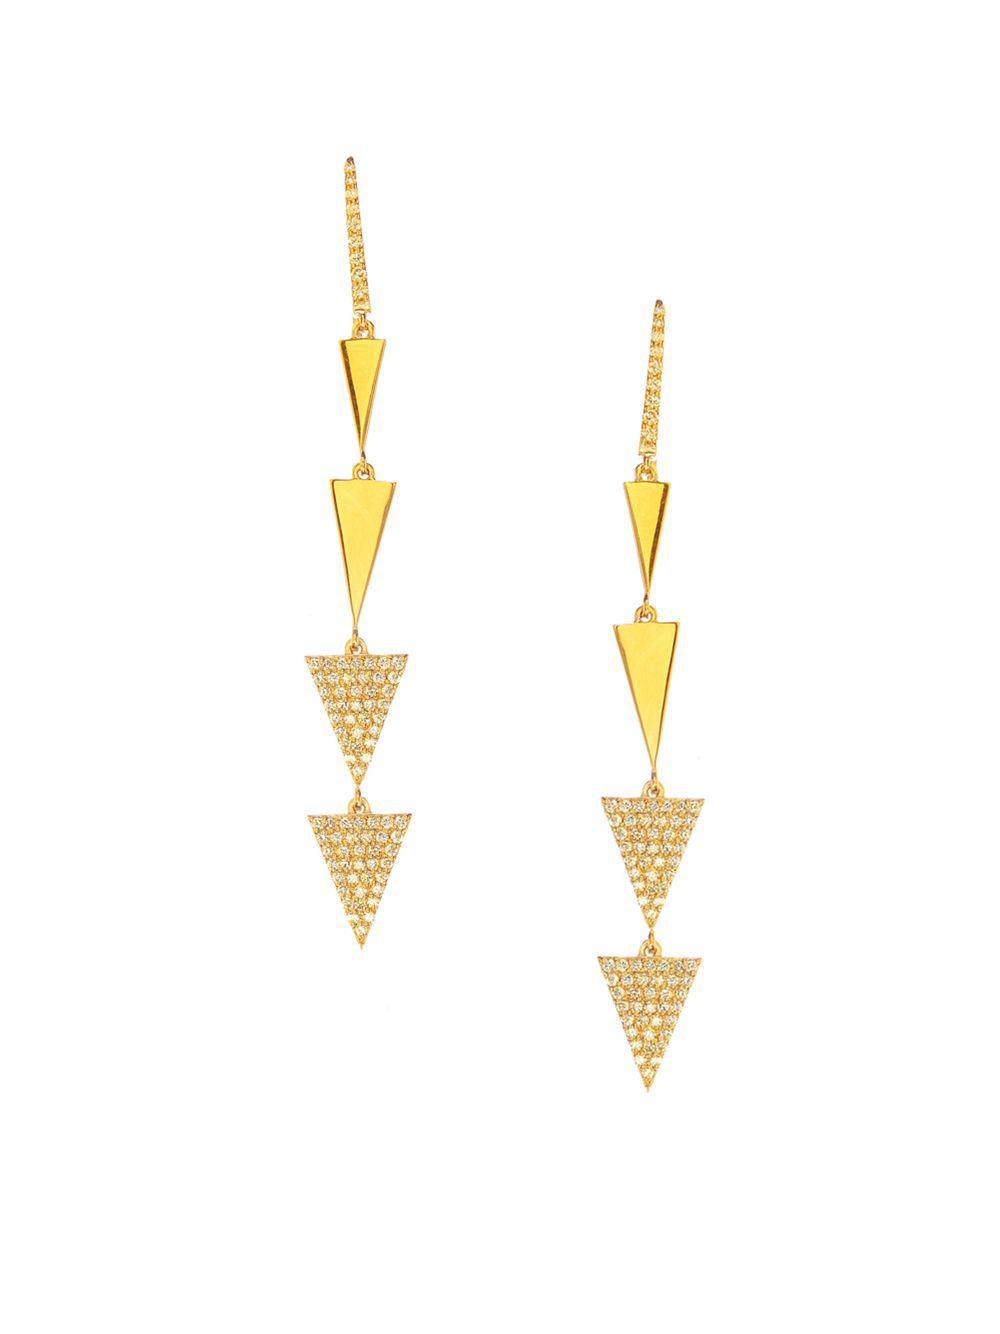 Lana Jewelry Flawless Huggie Hoop Earrings with Diamonds kz504n1GfF